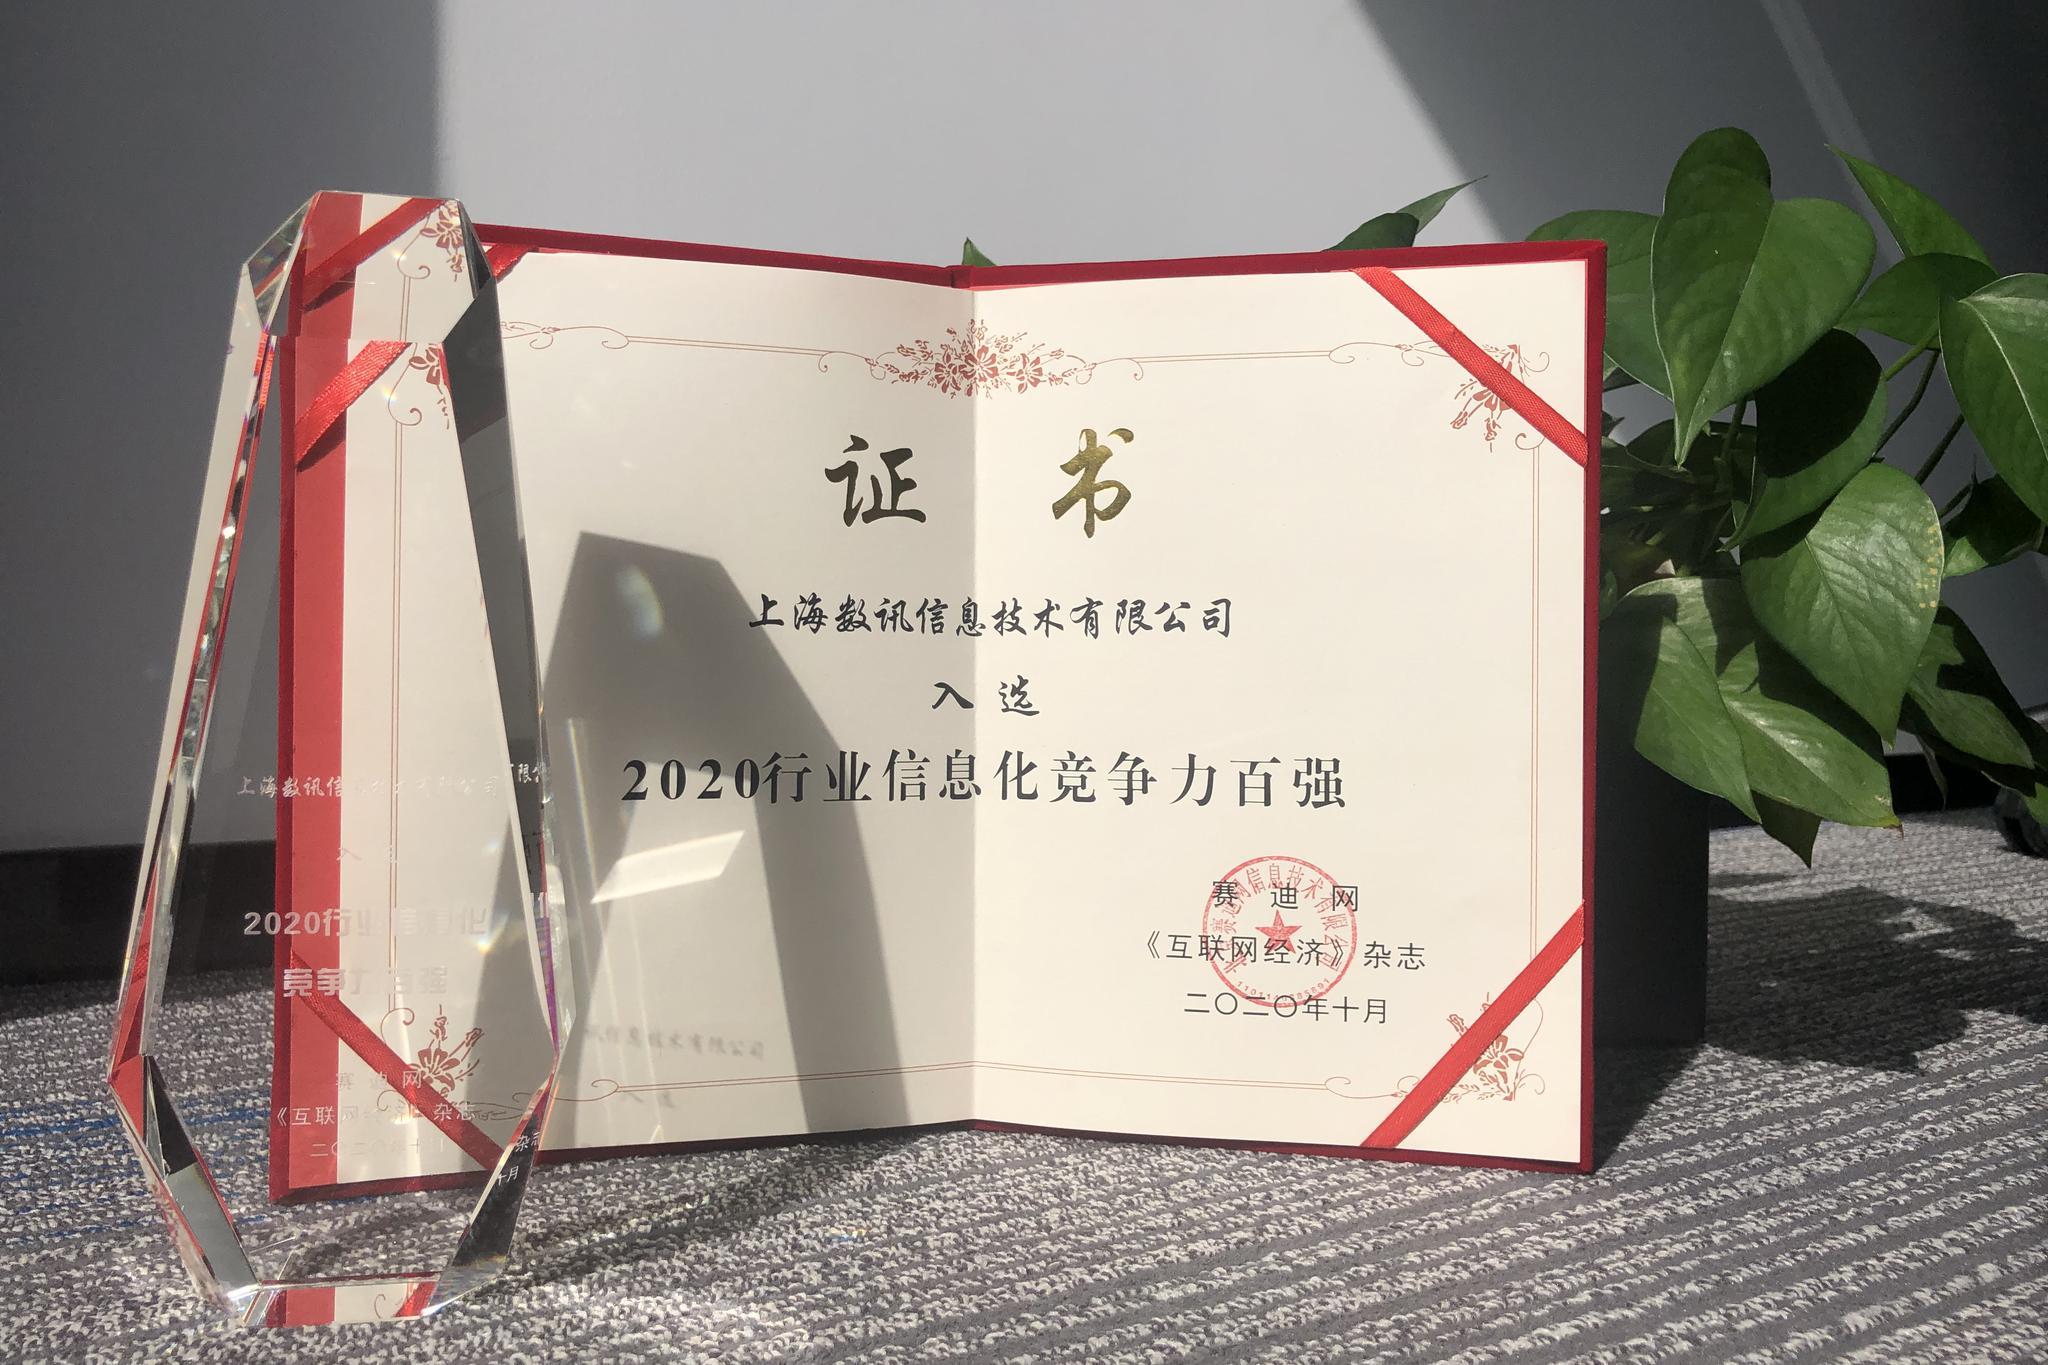 http://www.reviewcode.cn/wulianwang/179246.html